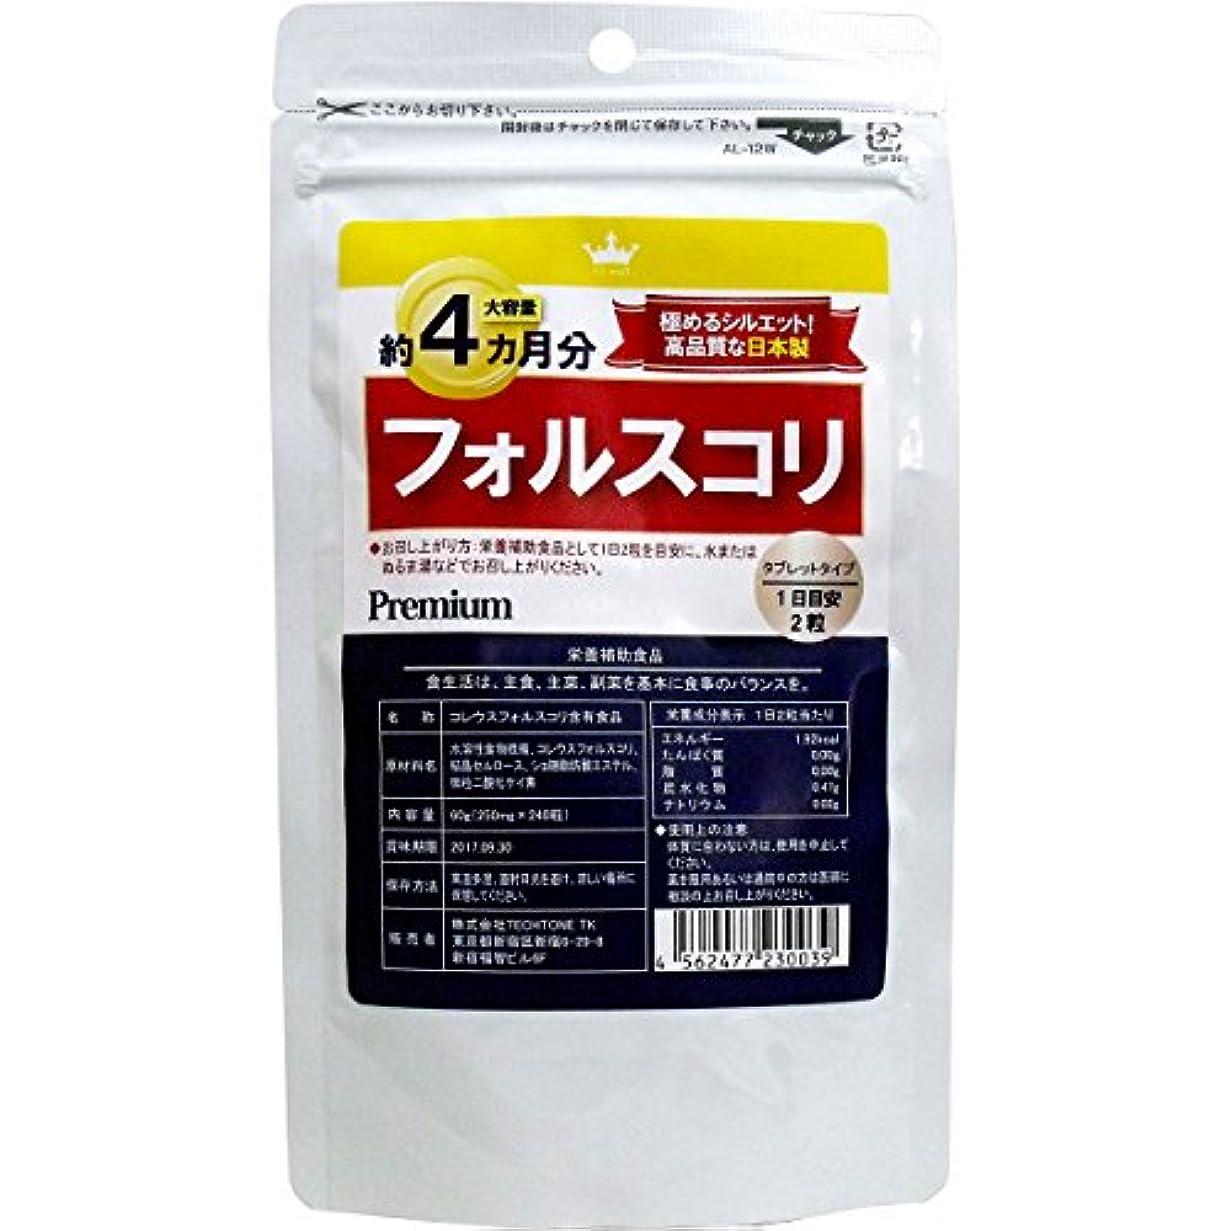 ピクニック無駄にバイパスサプリメント 高品質な日本製 健康食品 フォルスコリ 約4カ月分 240粒入【2個セット】